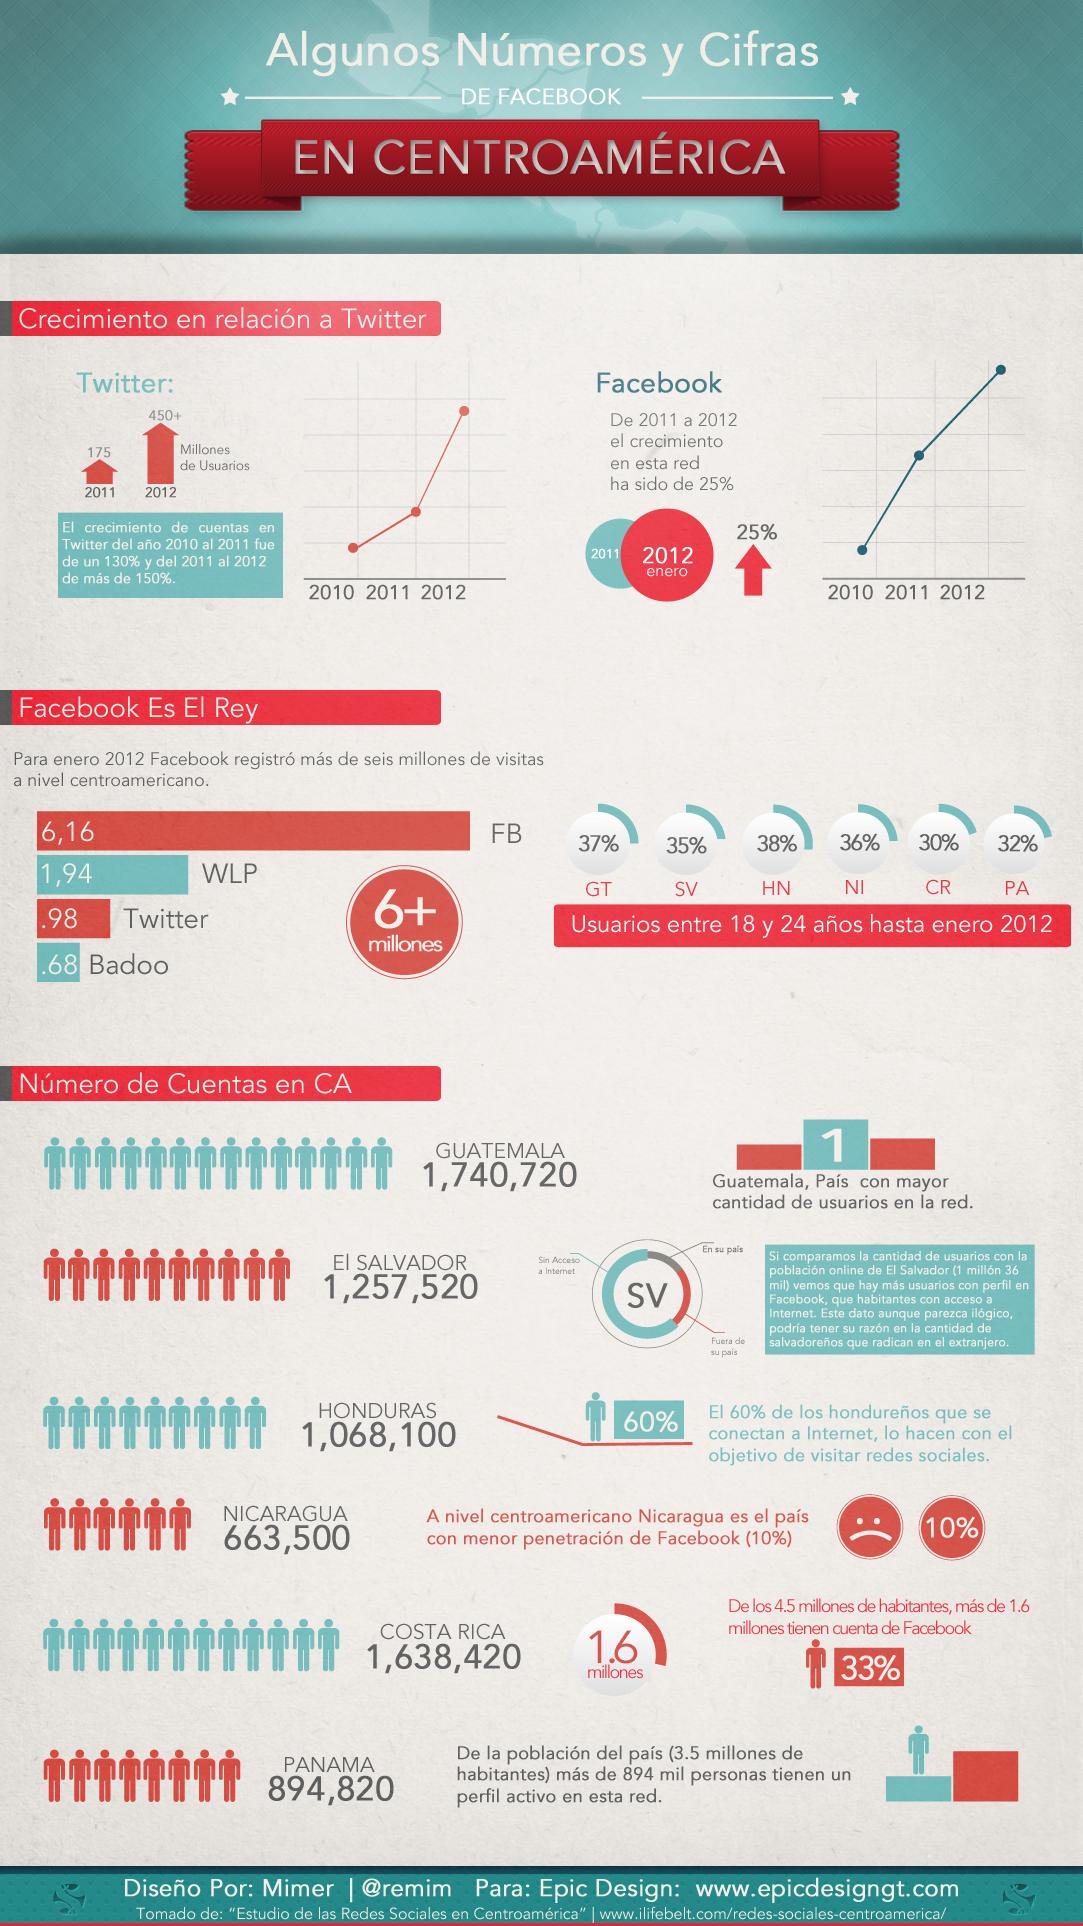 Les presentamos algunos números y cifras de lo que representa facebook en Centroamérica